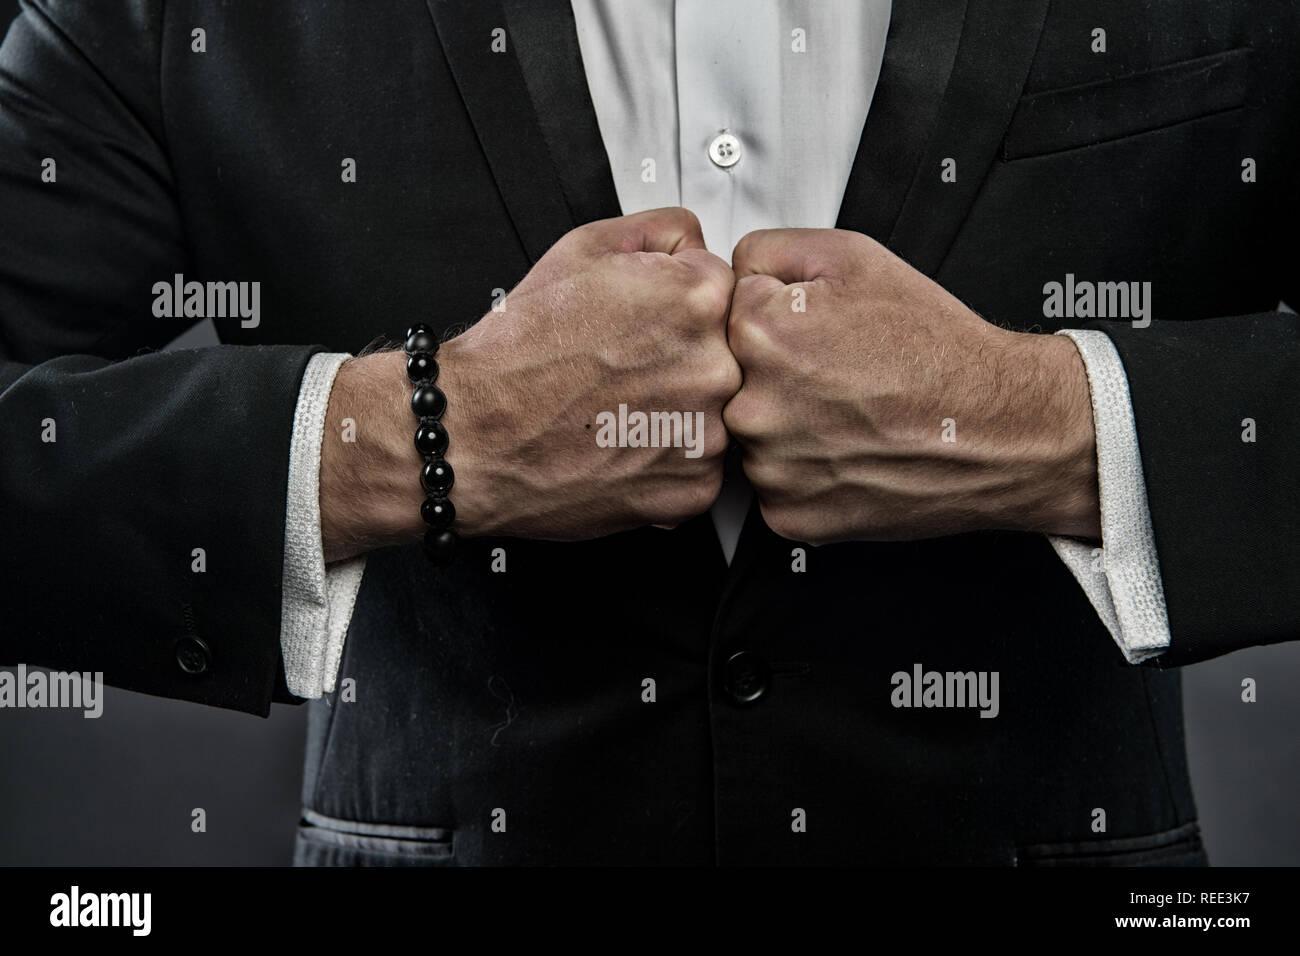 Puños masculinos con venas hinchadas y brazalete en traje formal de fondo. Concepto de enfrentamiento. La mano de la persona de negocios que enfrenta a unos contra otros. Símbolo de fuerza de voluntad. Imagen De Stock